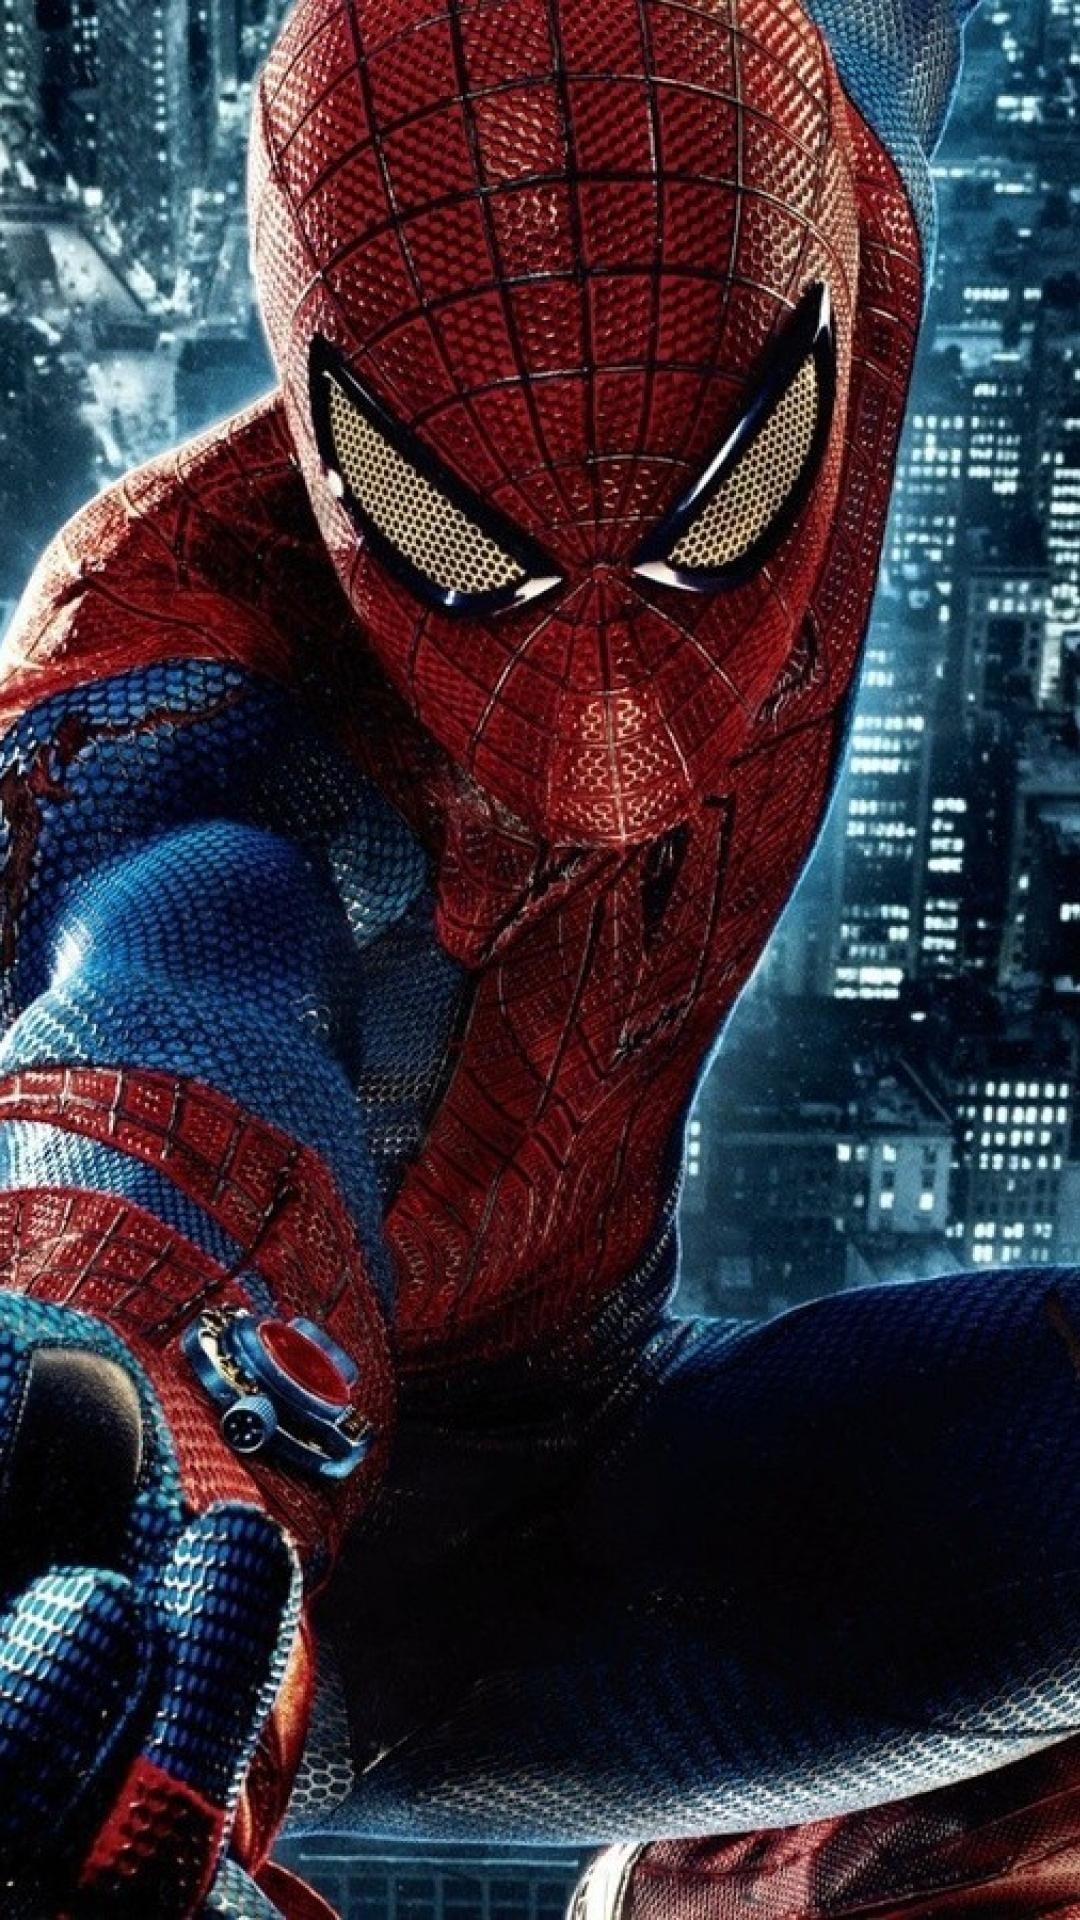 Comics spider-man superhero wallpaper